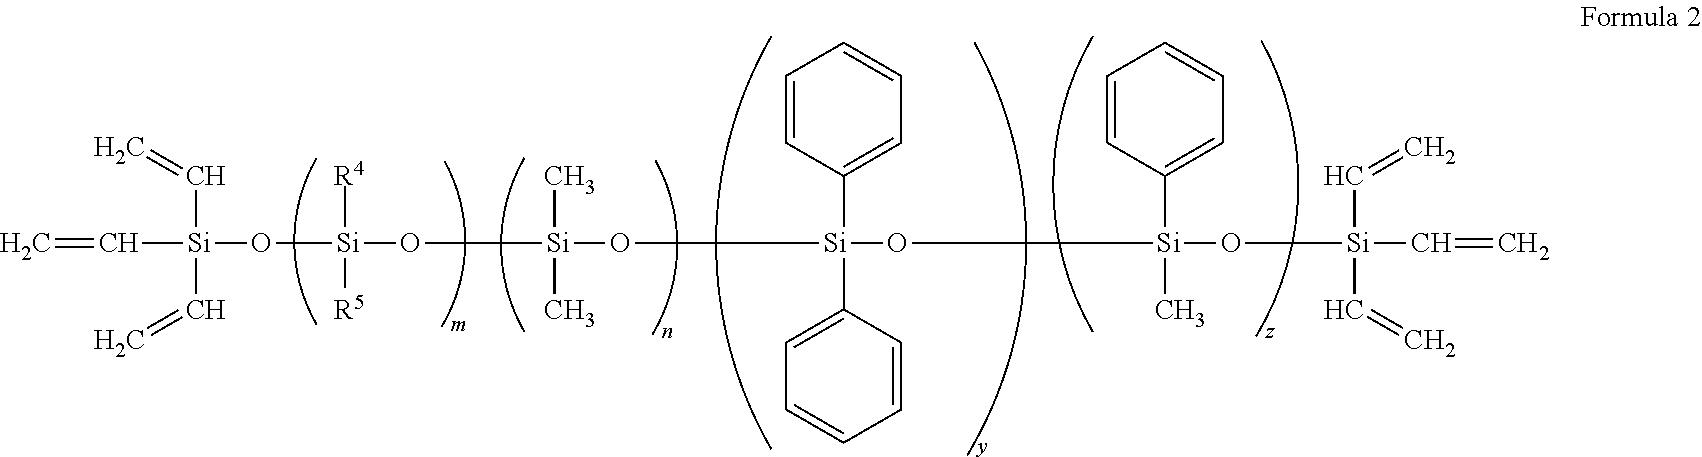 Figure US09534088-20170103-C00004